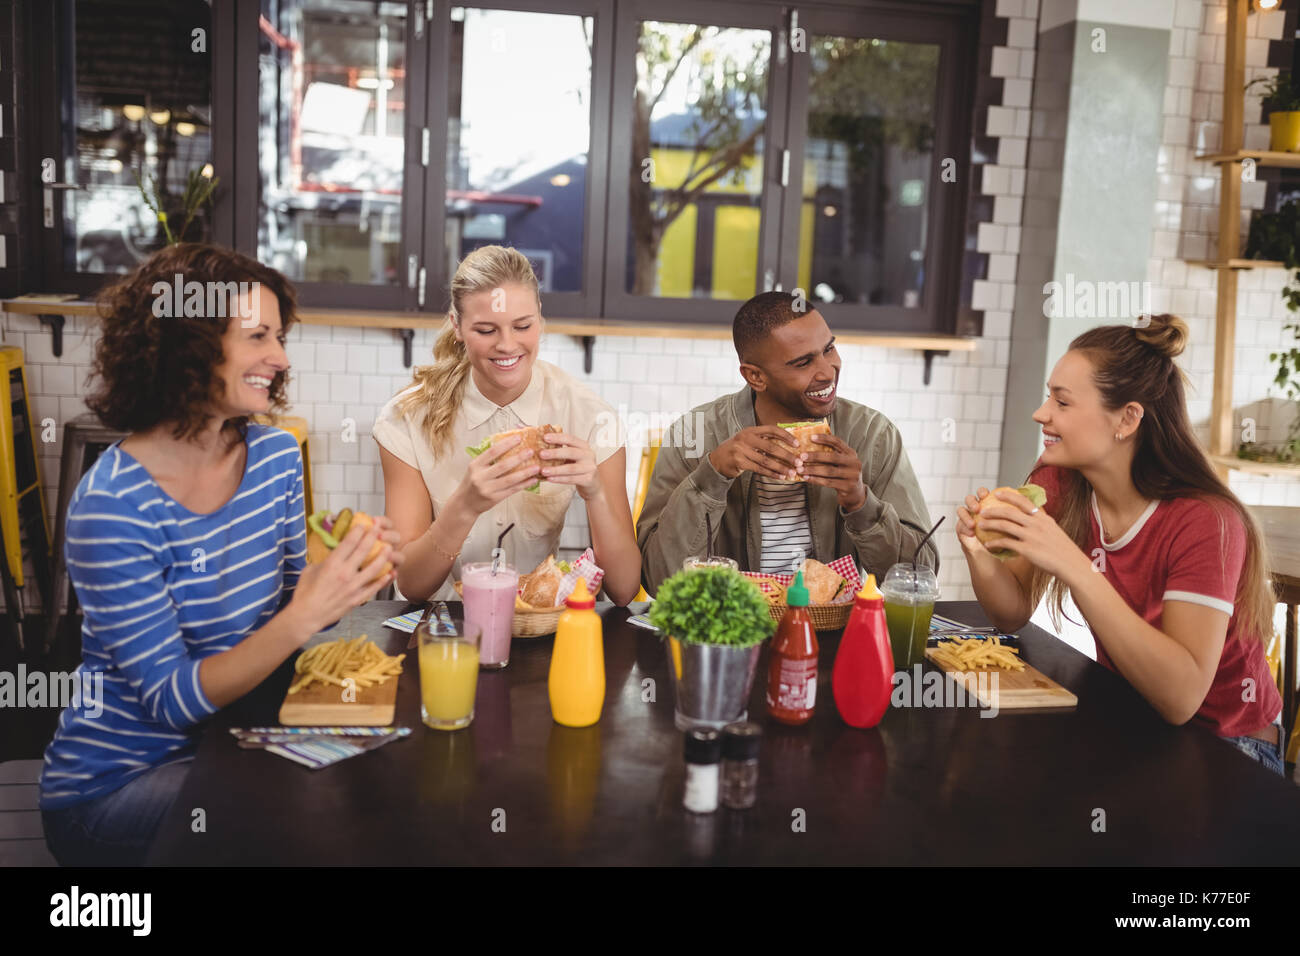 Lächelnden jungen Freunde Essen, beim Sitzen am Tisch im Café Stockbild